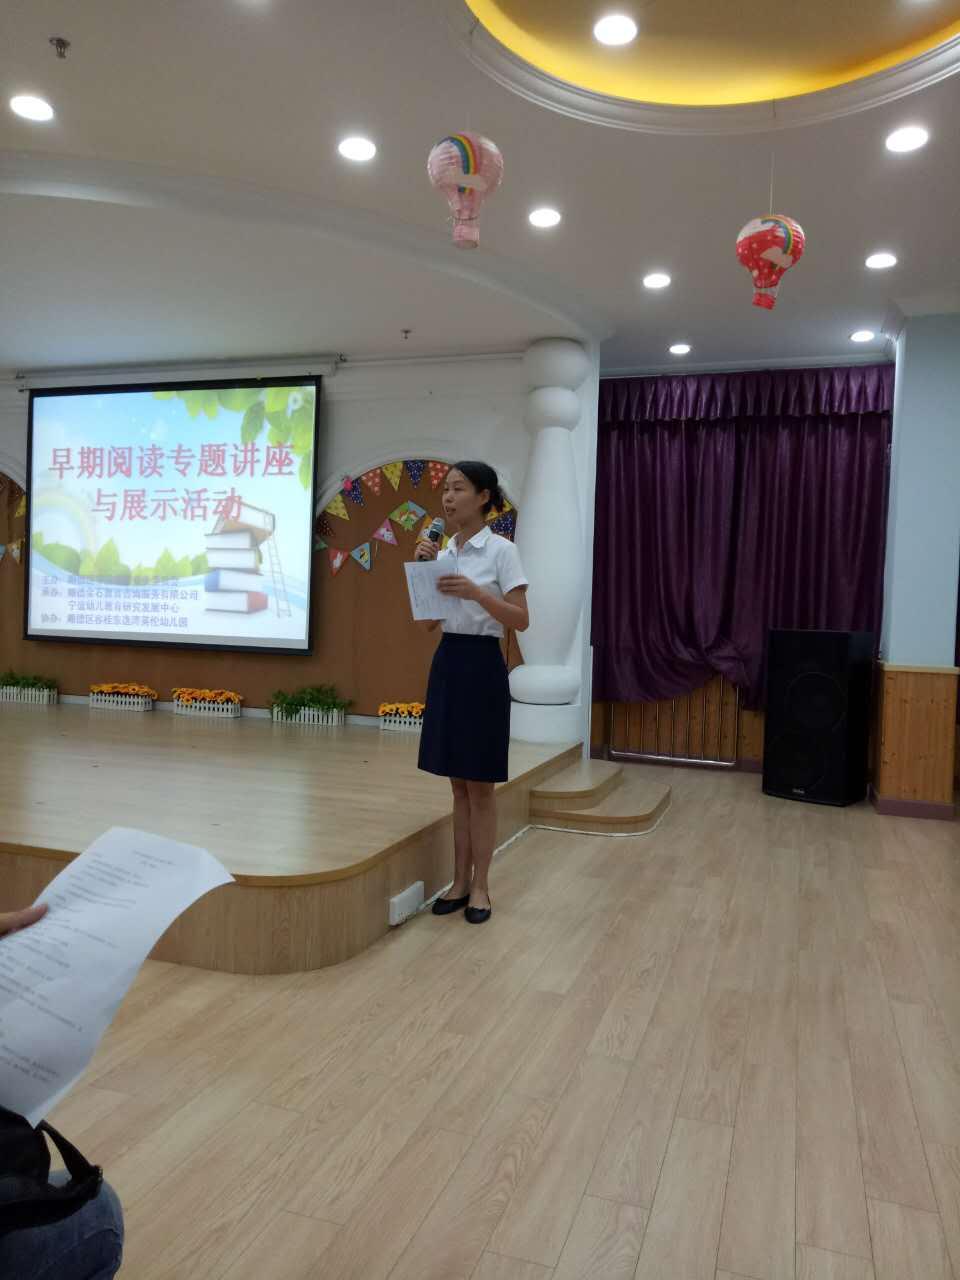 美的广厦幼儿园参加顺德区早期阅读专题讲座与展示活动